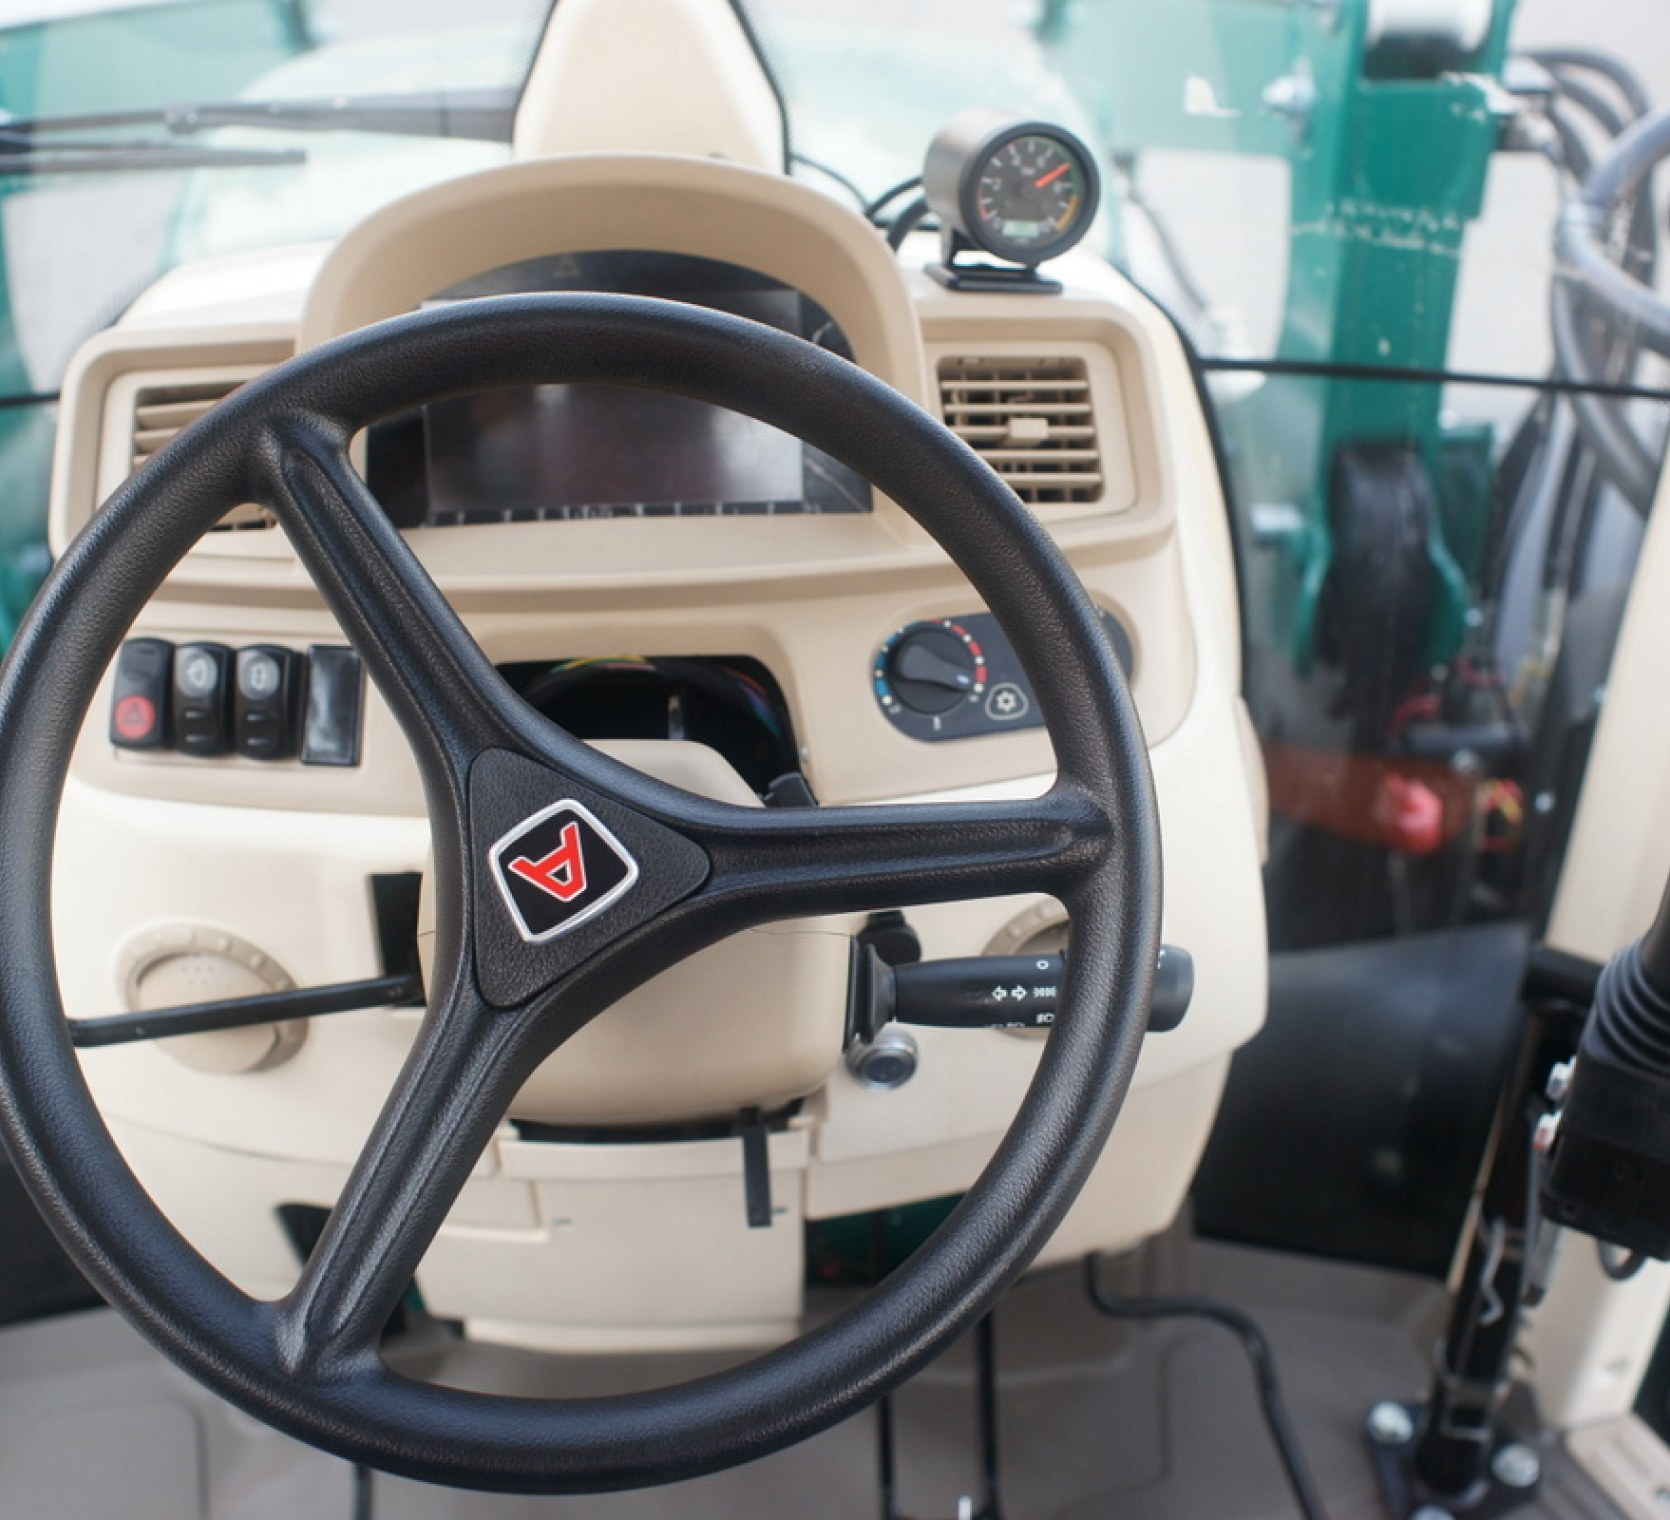 kierownica maszyny rolniczej arbos logo firmy przedstawione jako sama literka A deska rozdzielcza przednia szyba